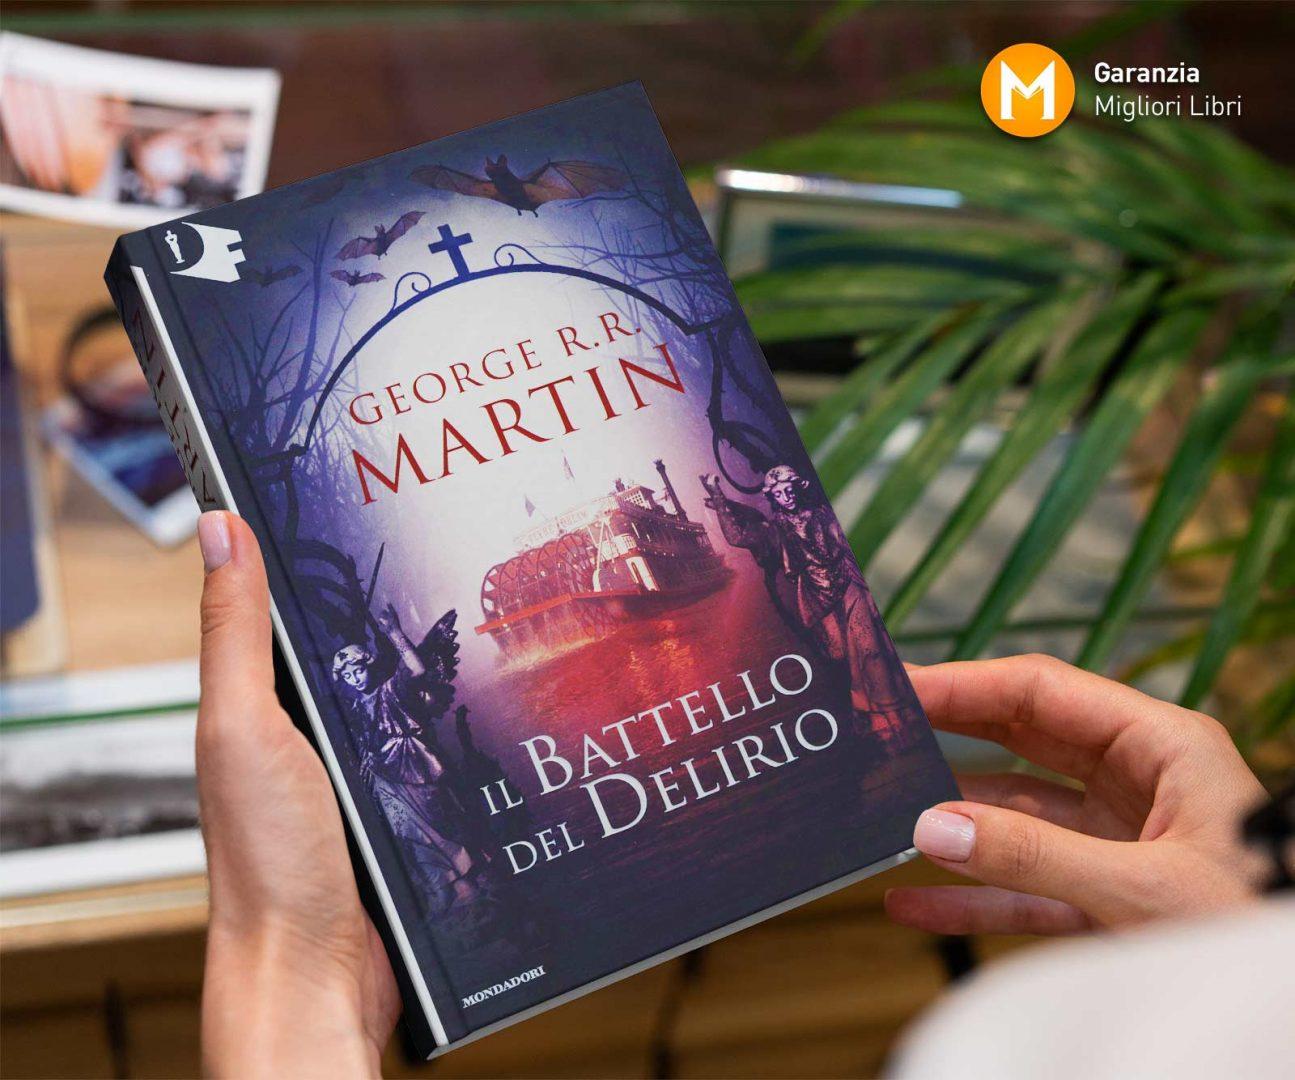 libro-di-george-rr-martin-battello